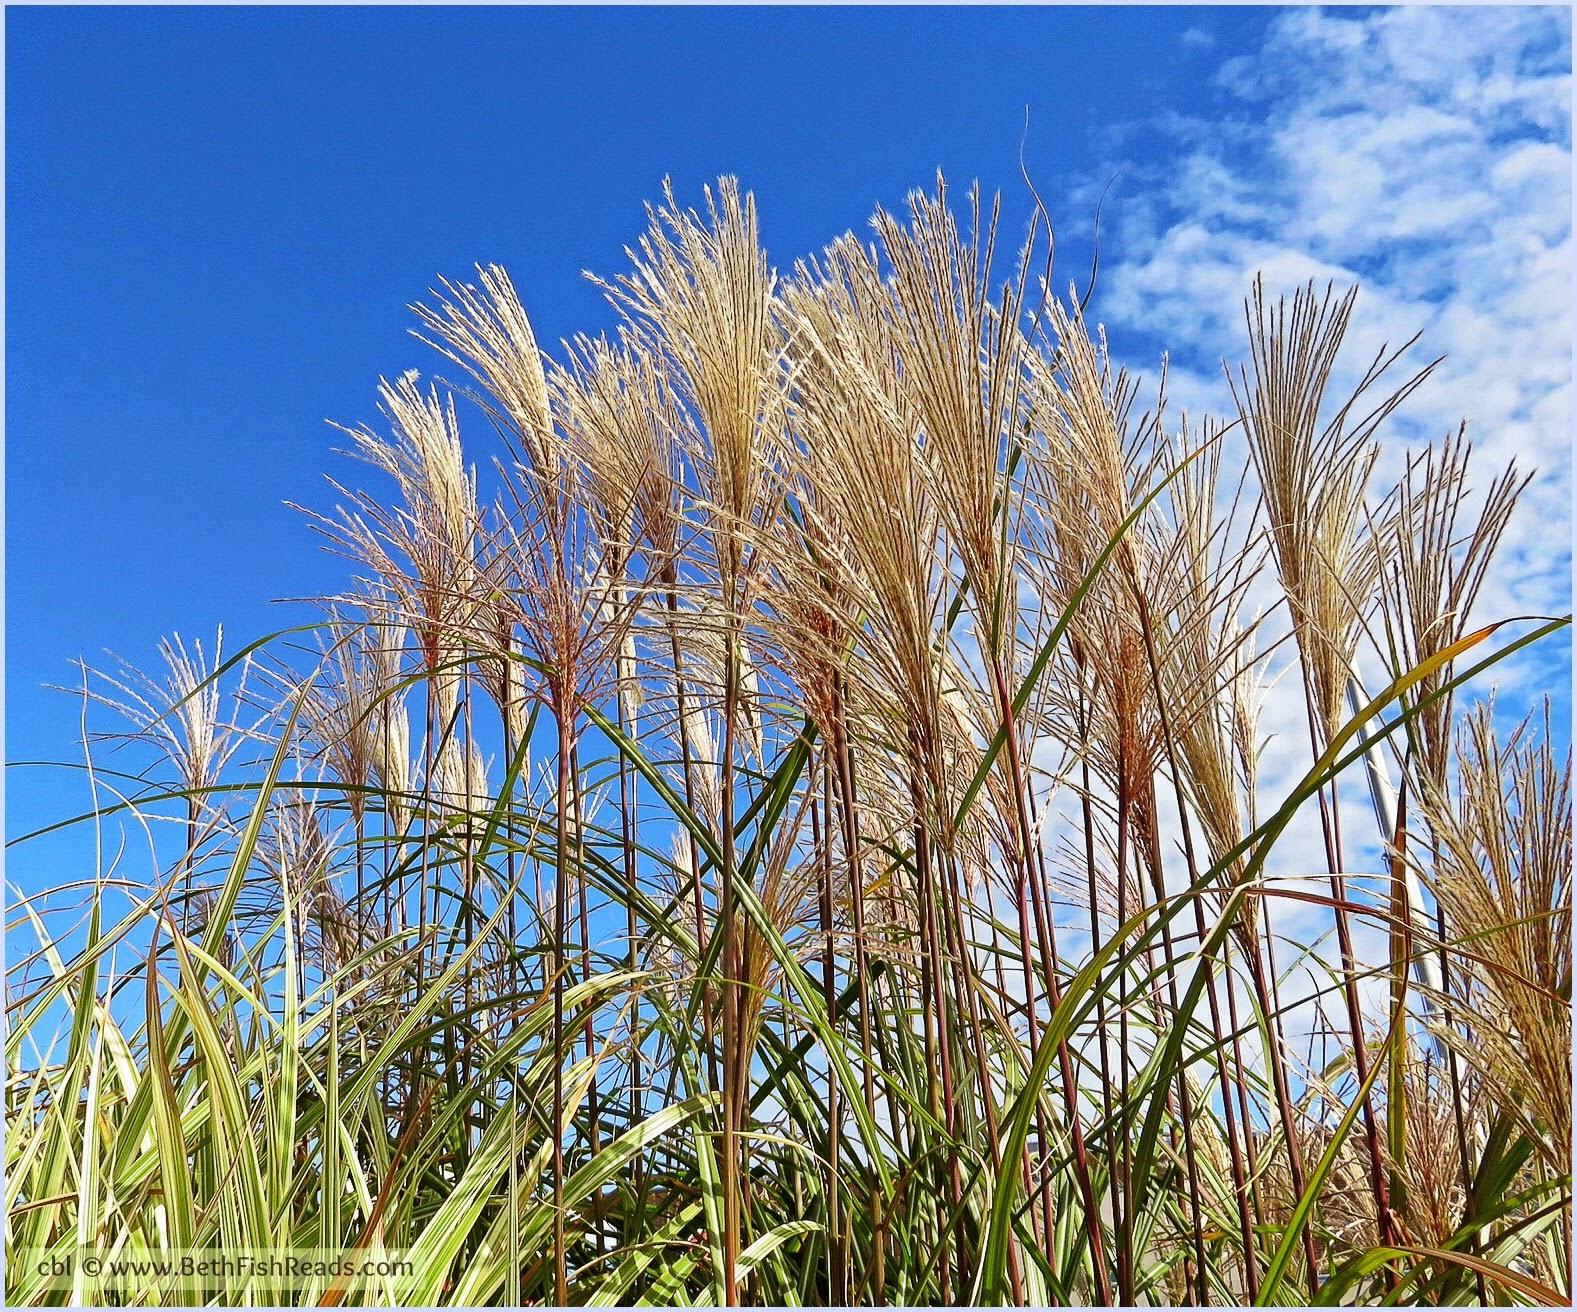 cbl © www.BethFishReads.com